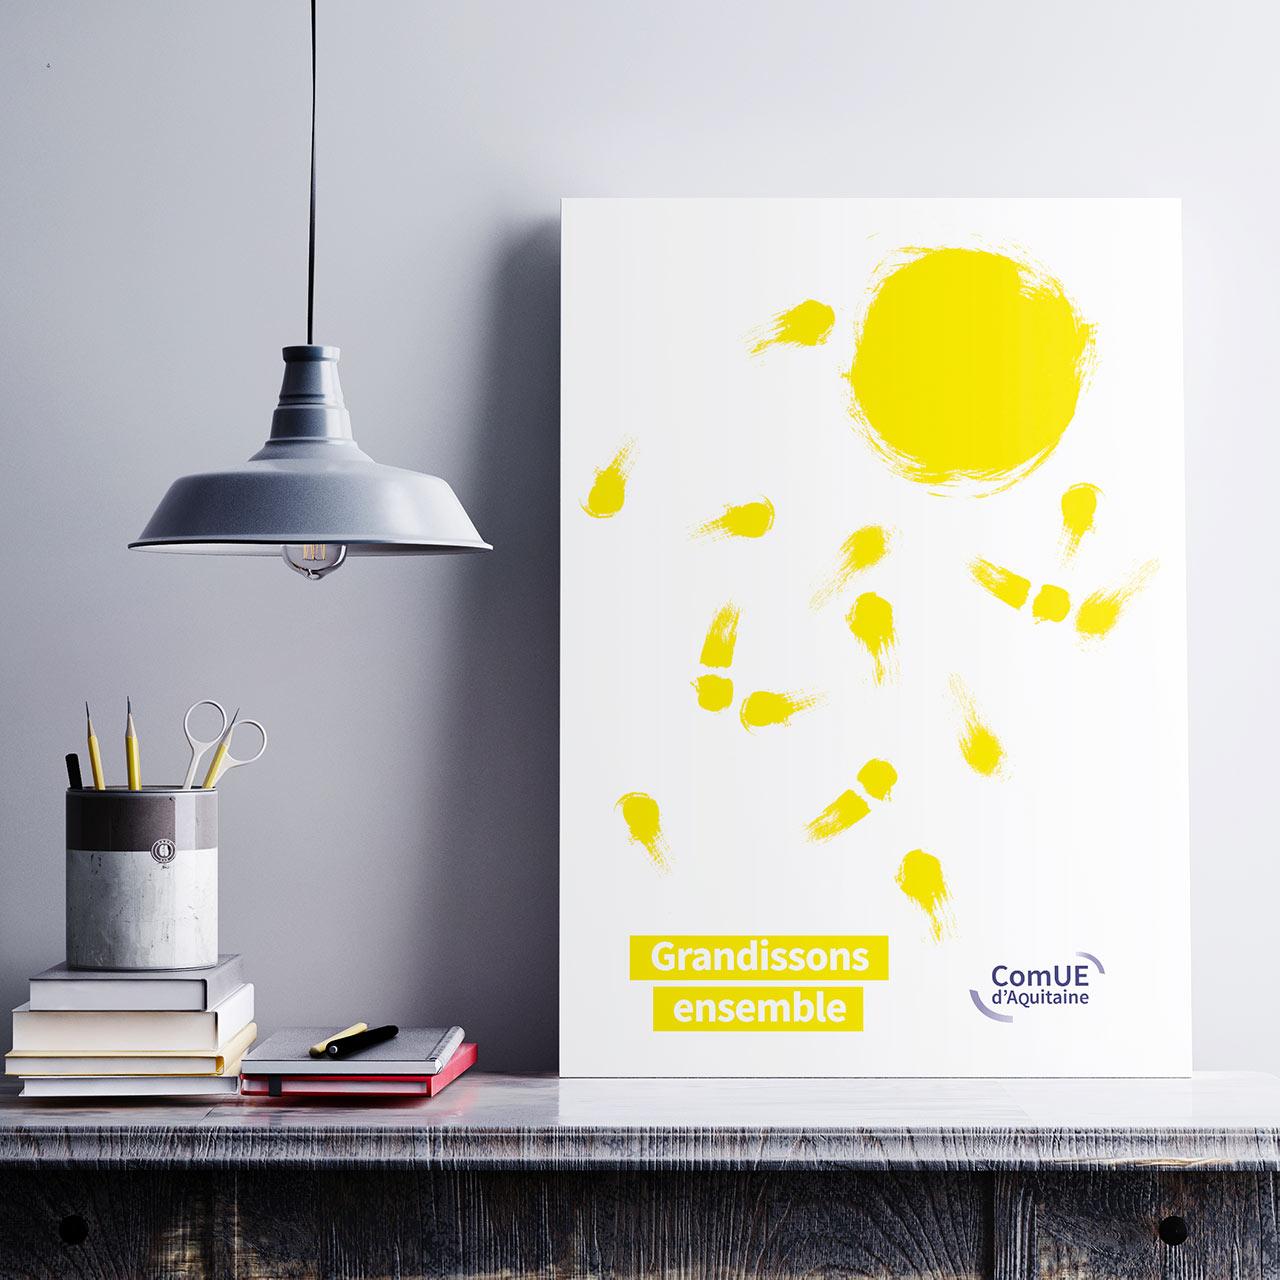 graphiste bordeaux design création comue graphique illustration